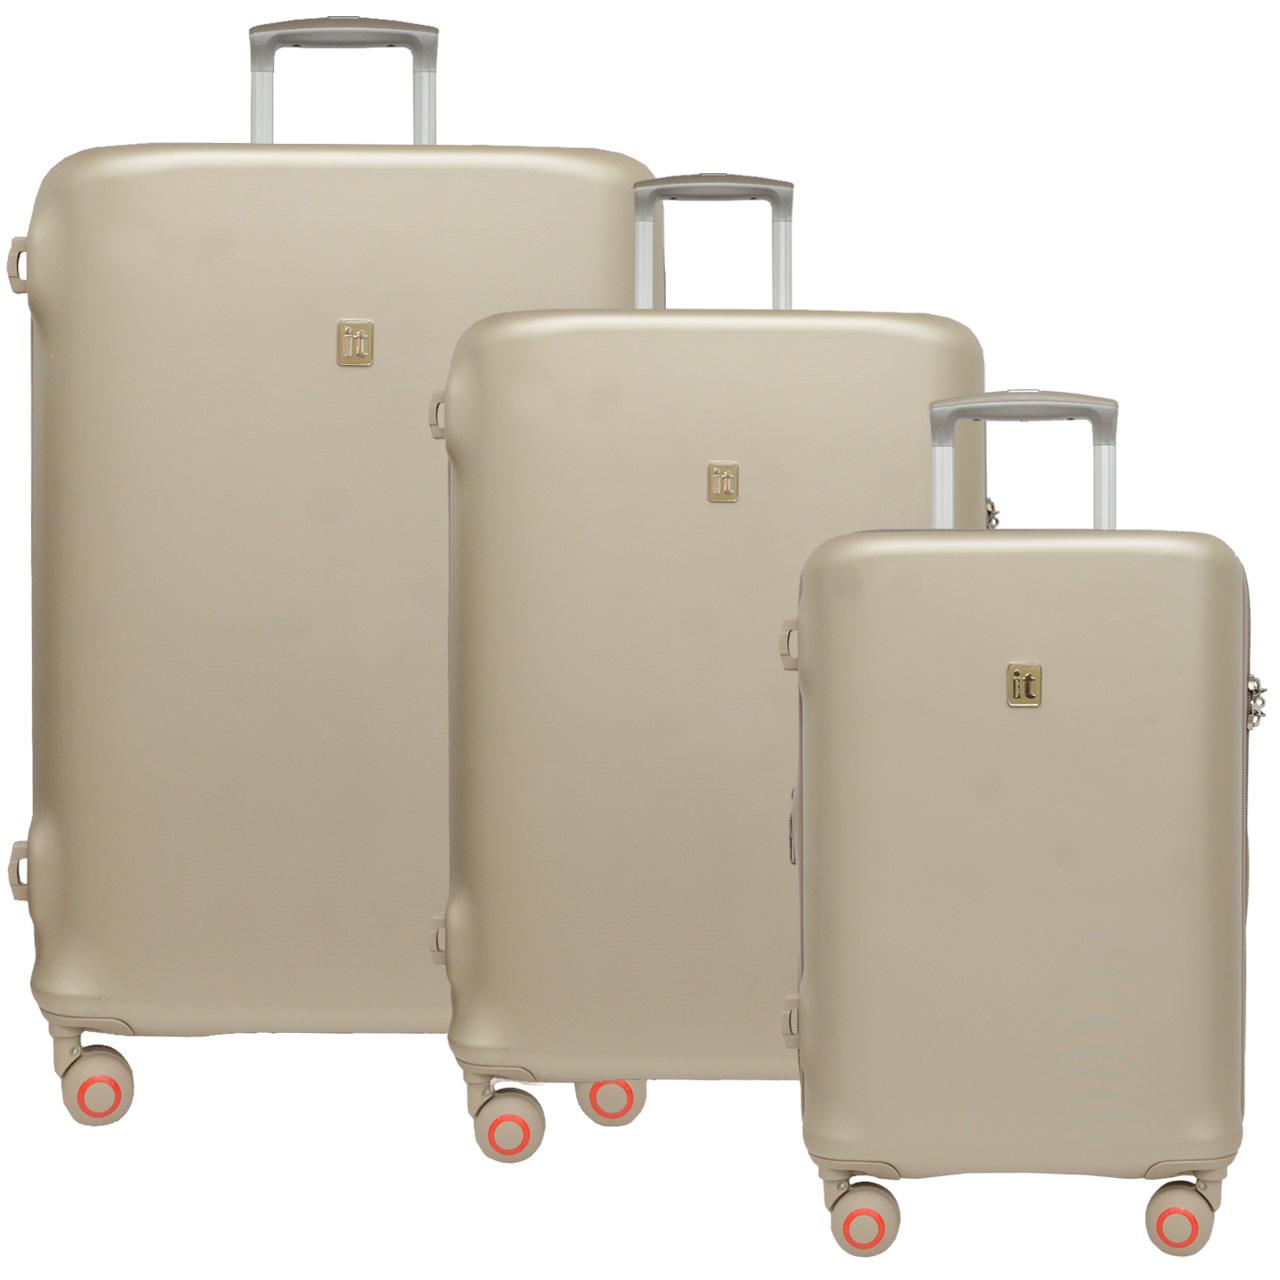 مجموعه سه عددی چمدان ای تی مدل urbane